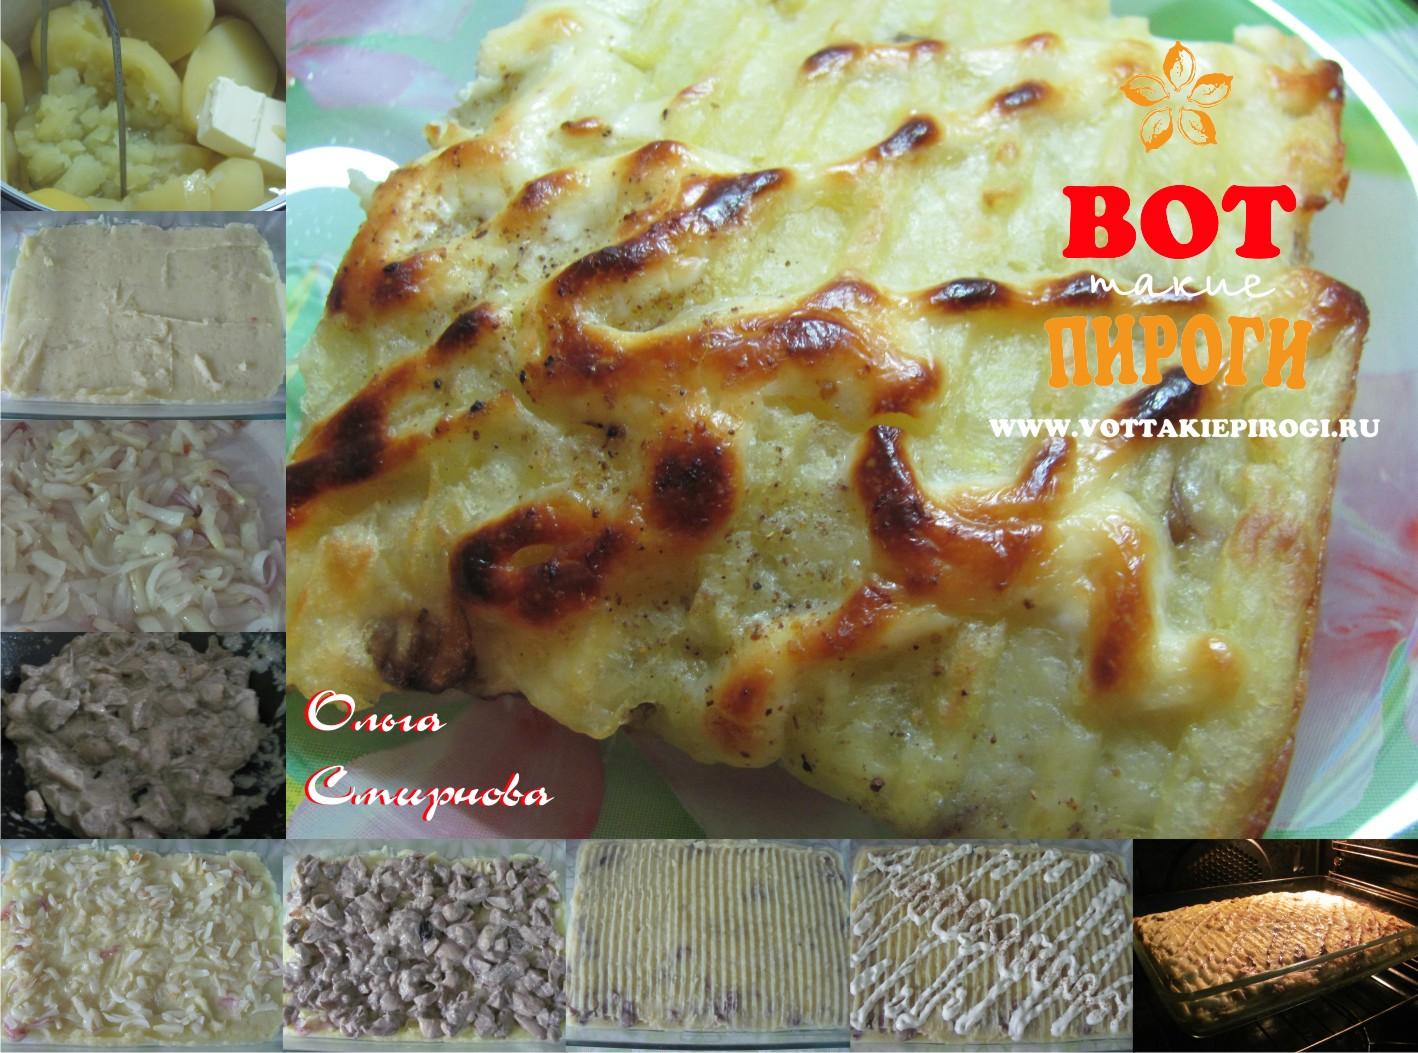 Рецепты запеканки с грибами и картофелем пошагово